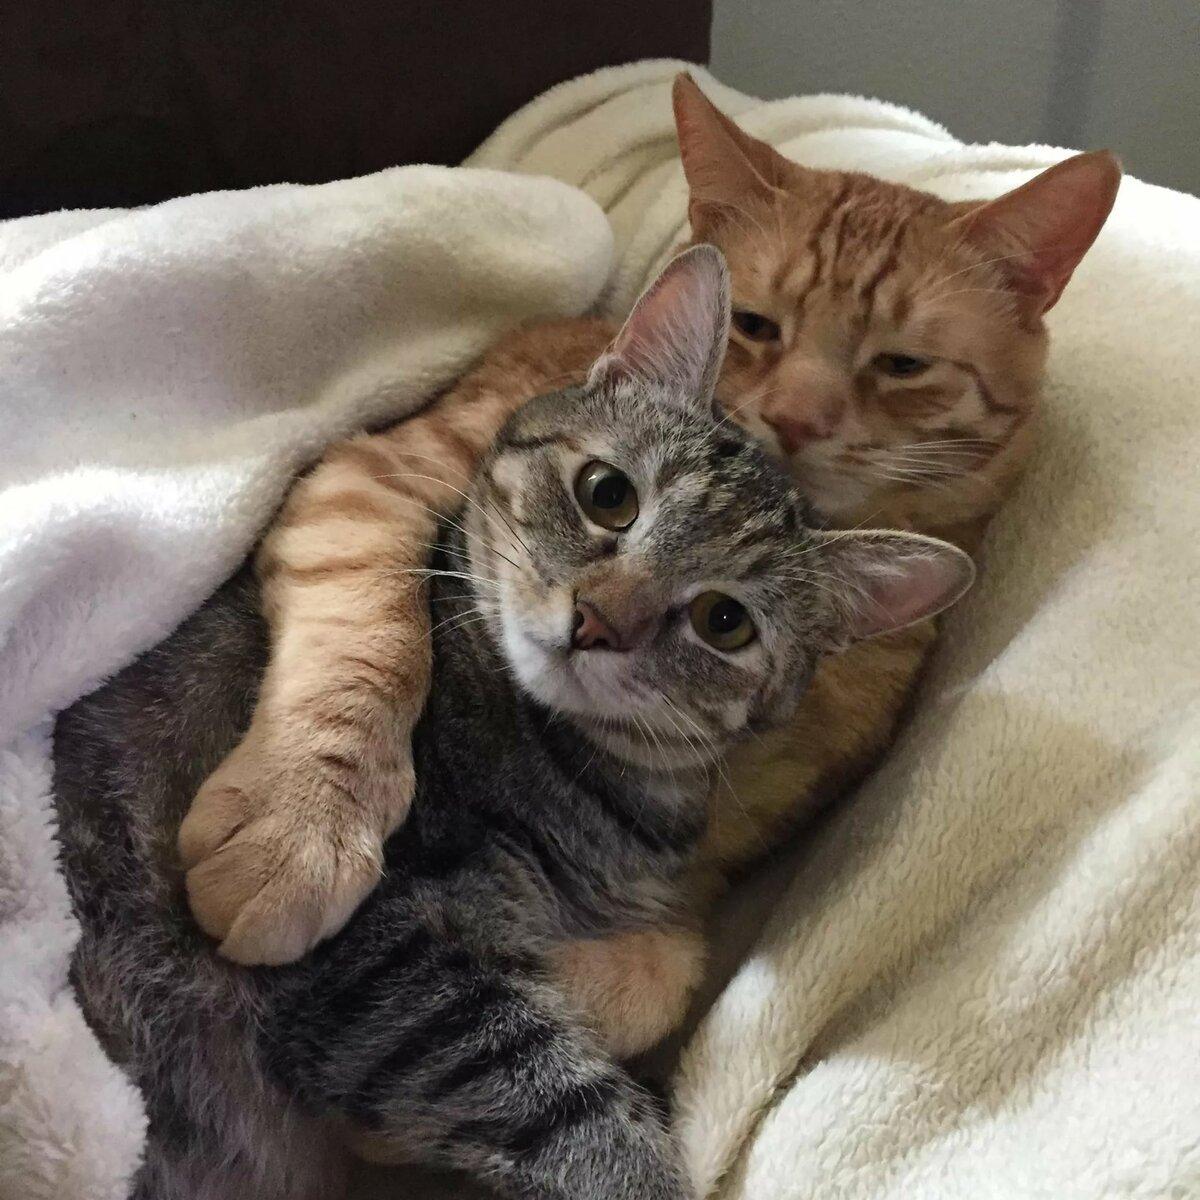 картинки смешные коты обнимашки репортеры попытались пообщаться